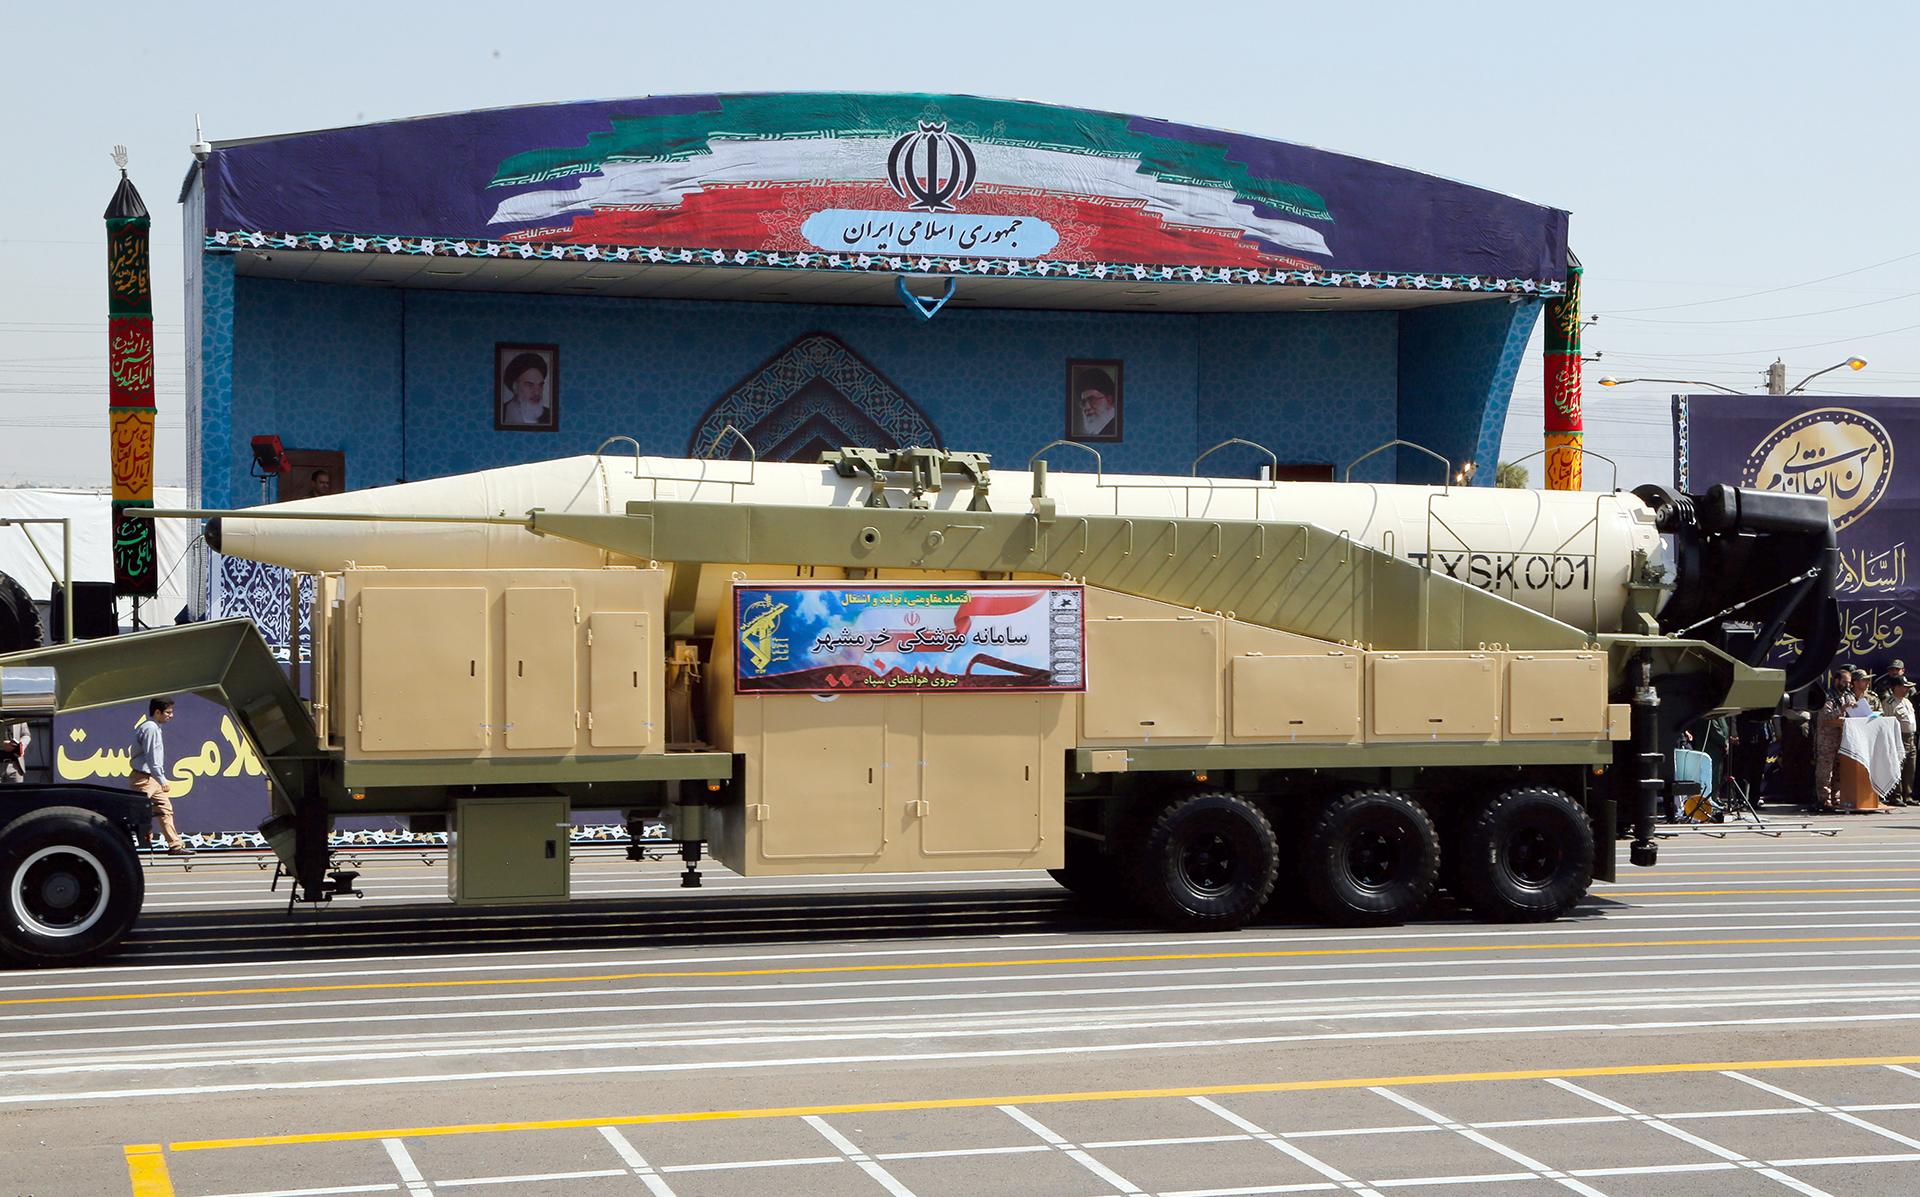 El misil Khoramshahr exhibido durante el más reciente desfile militar del 22 de septiembre. (AFP PHOTO)